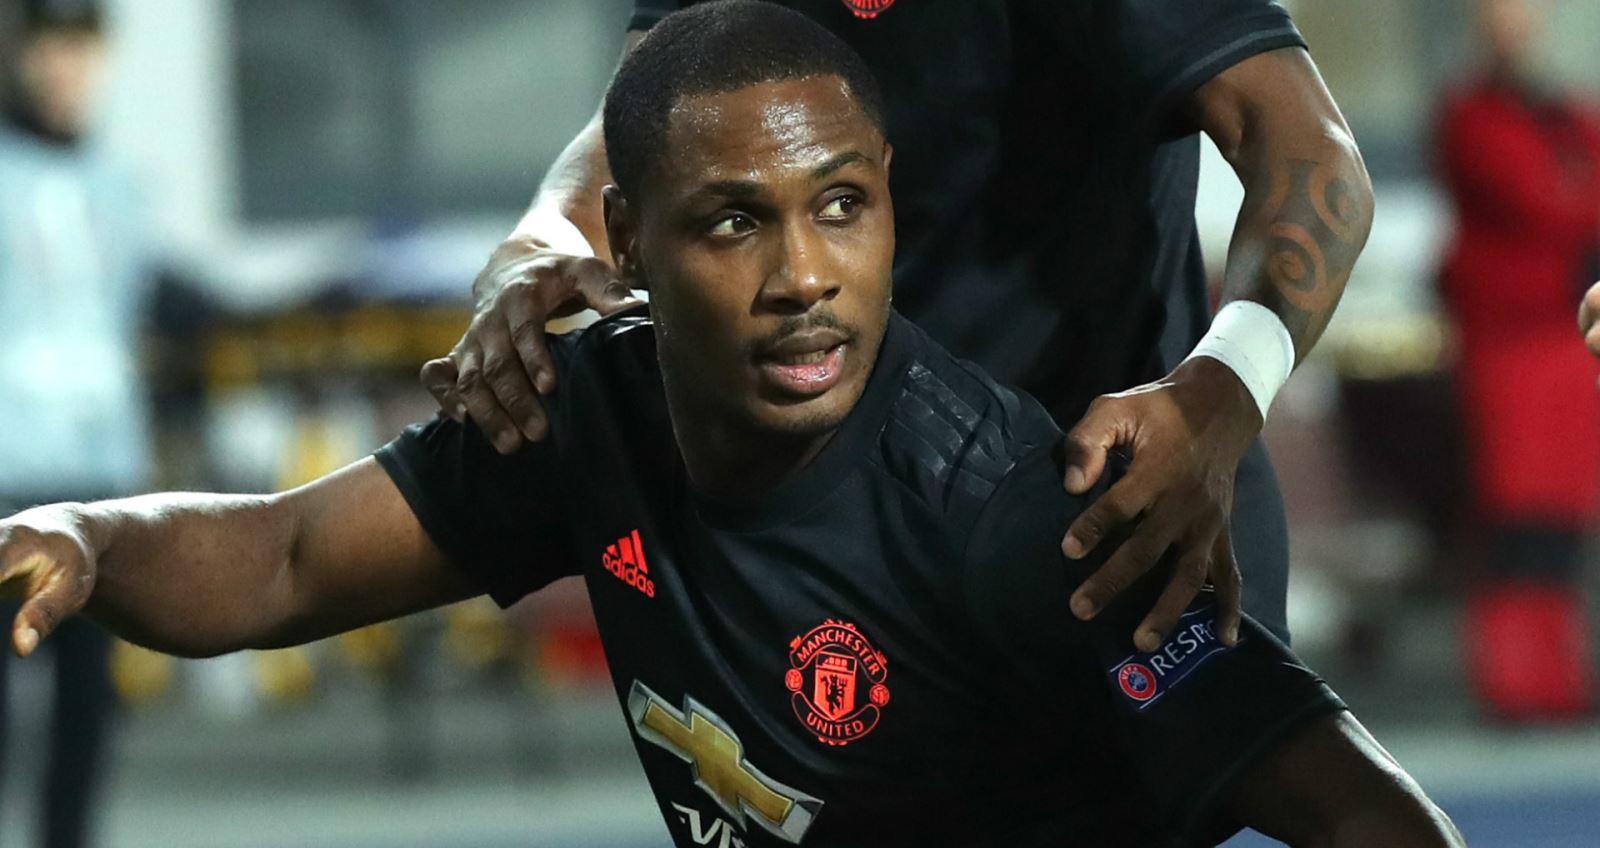 MU, manchester united, bóng đá, Odion Ighalo, Bruno Fernandes, lịch thi đấu bóng đá, chuyển nhượng MU, COVID-19, bong da, Solskjaer